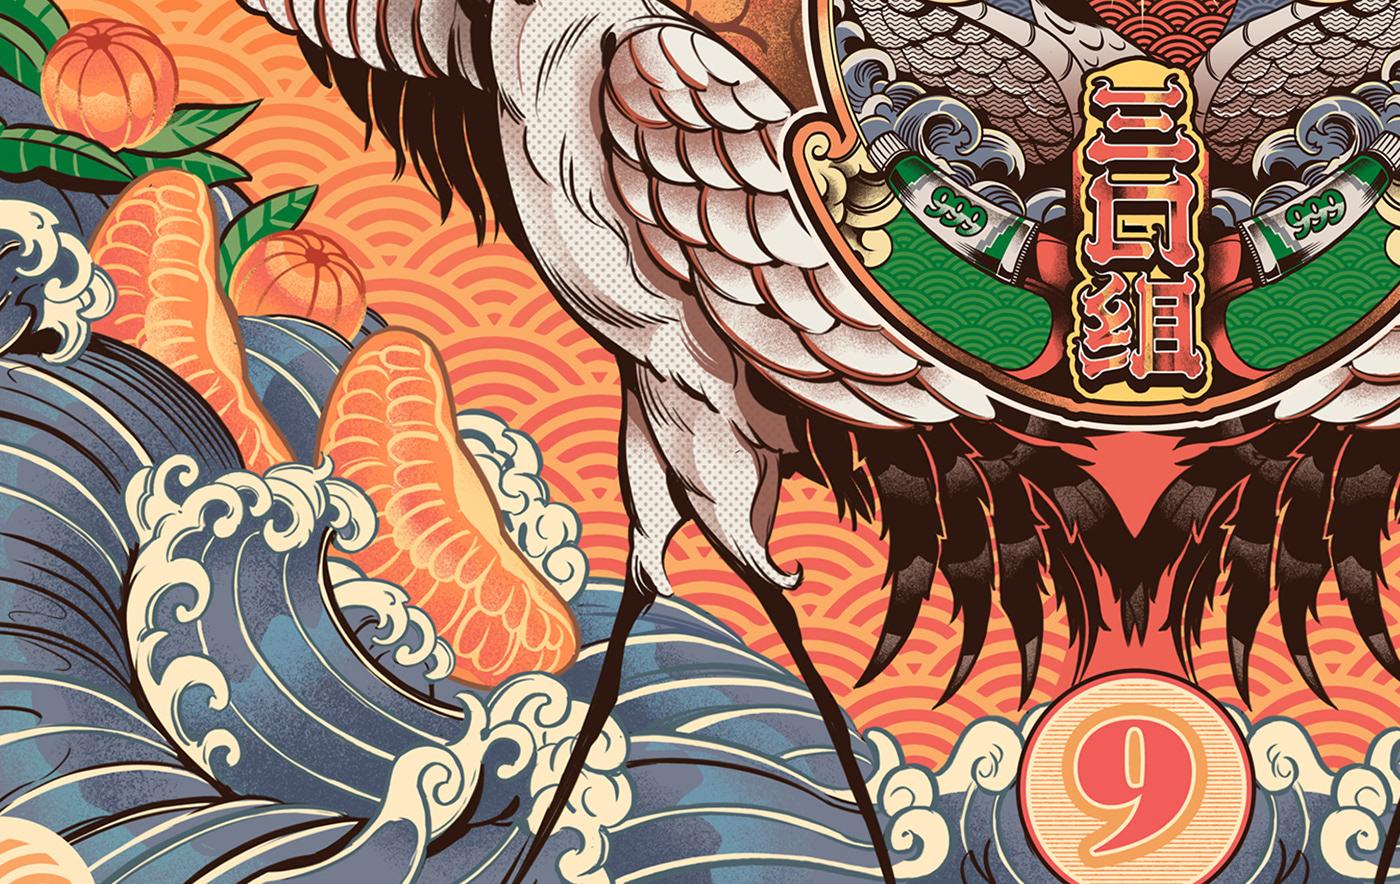 Image may contain: cartoon, drawing and bird